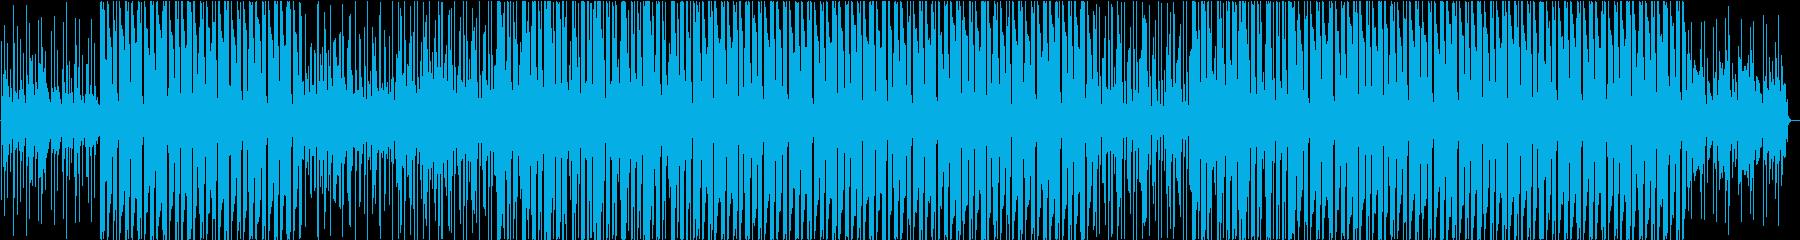 日本をイメージしたHiphopの再生済みの波形